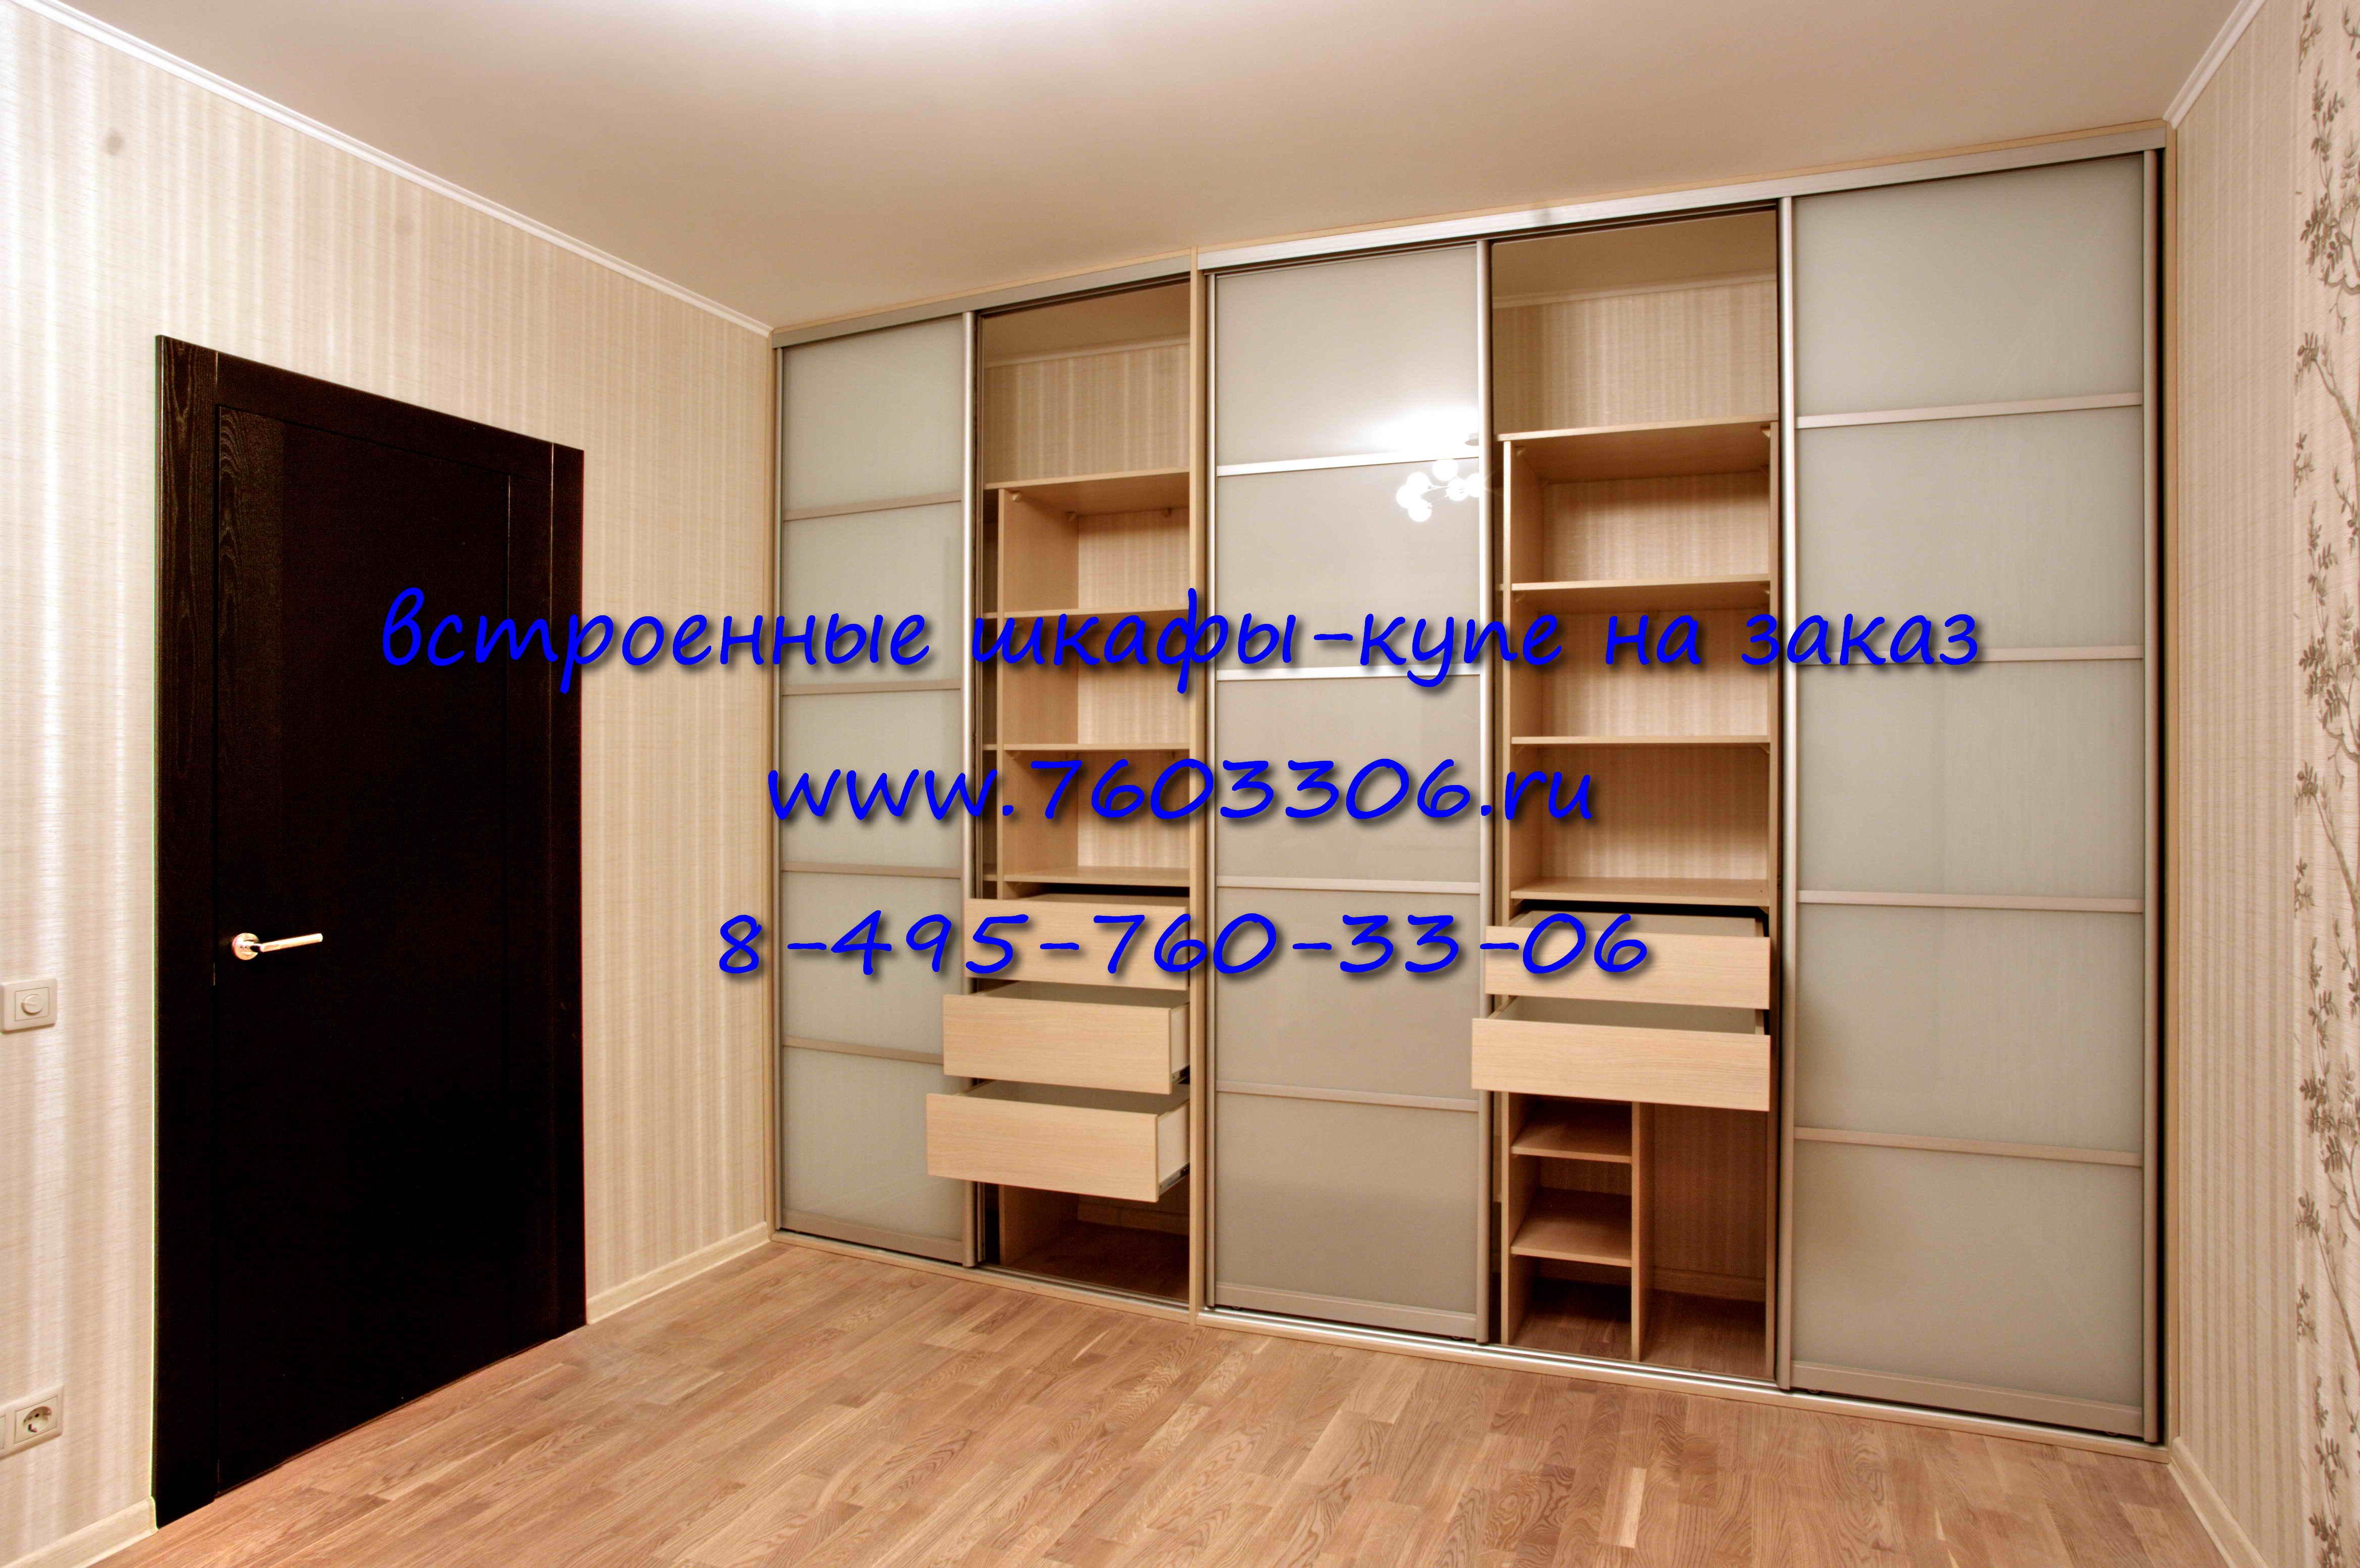 Двери купе 3 двери - типы раздвижных систем, материалы